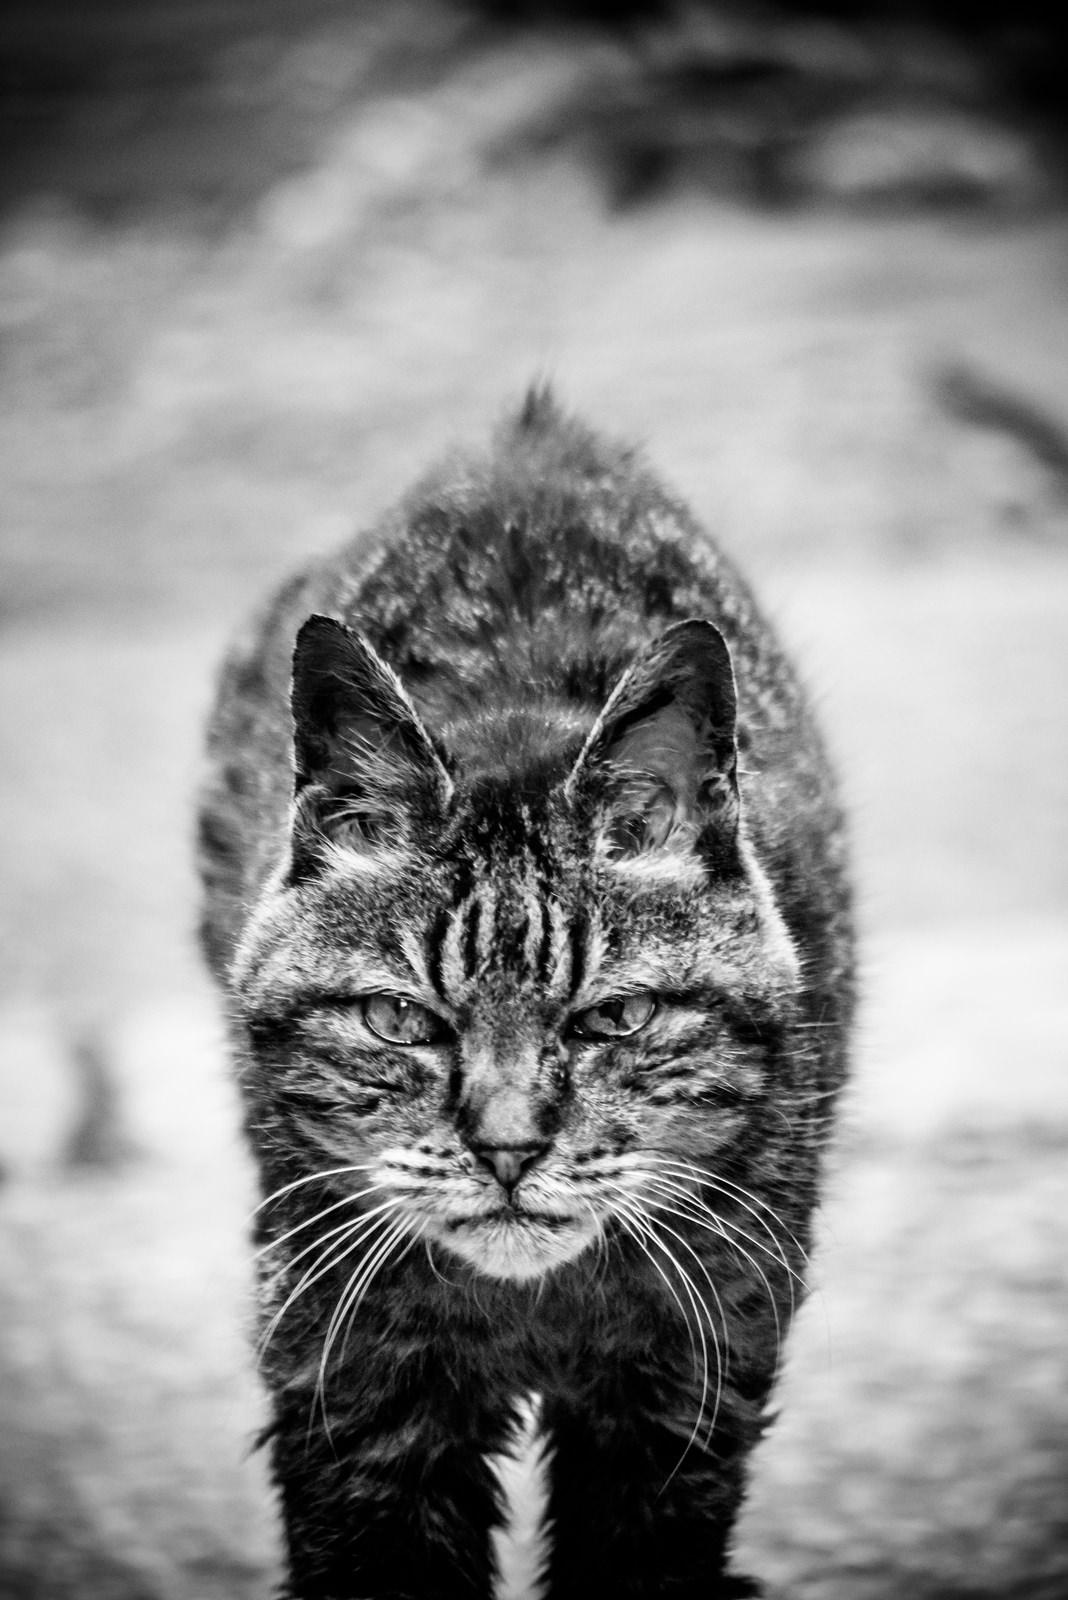 大物感漂う風貌のトラ猫大物感漂う風貌のトラ猫